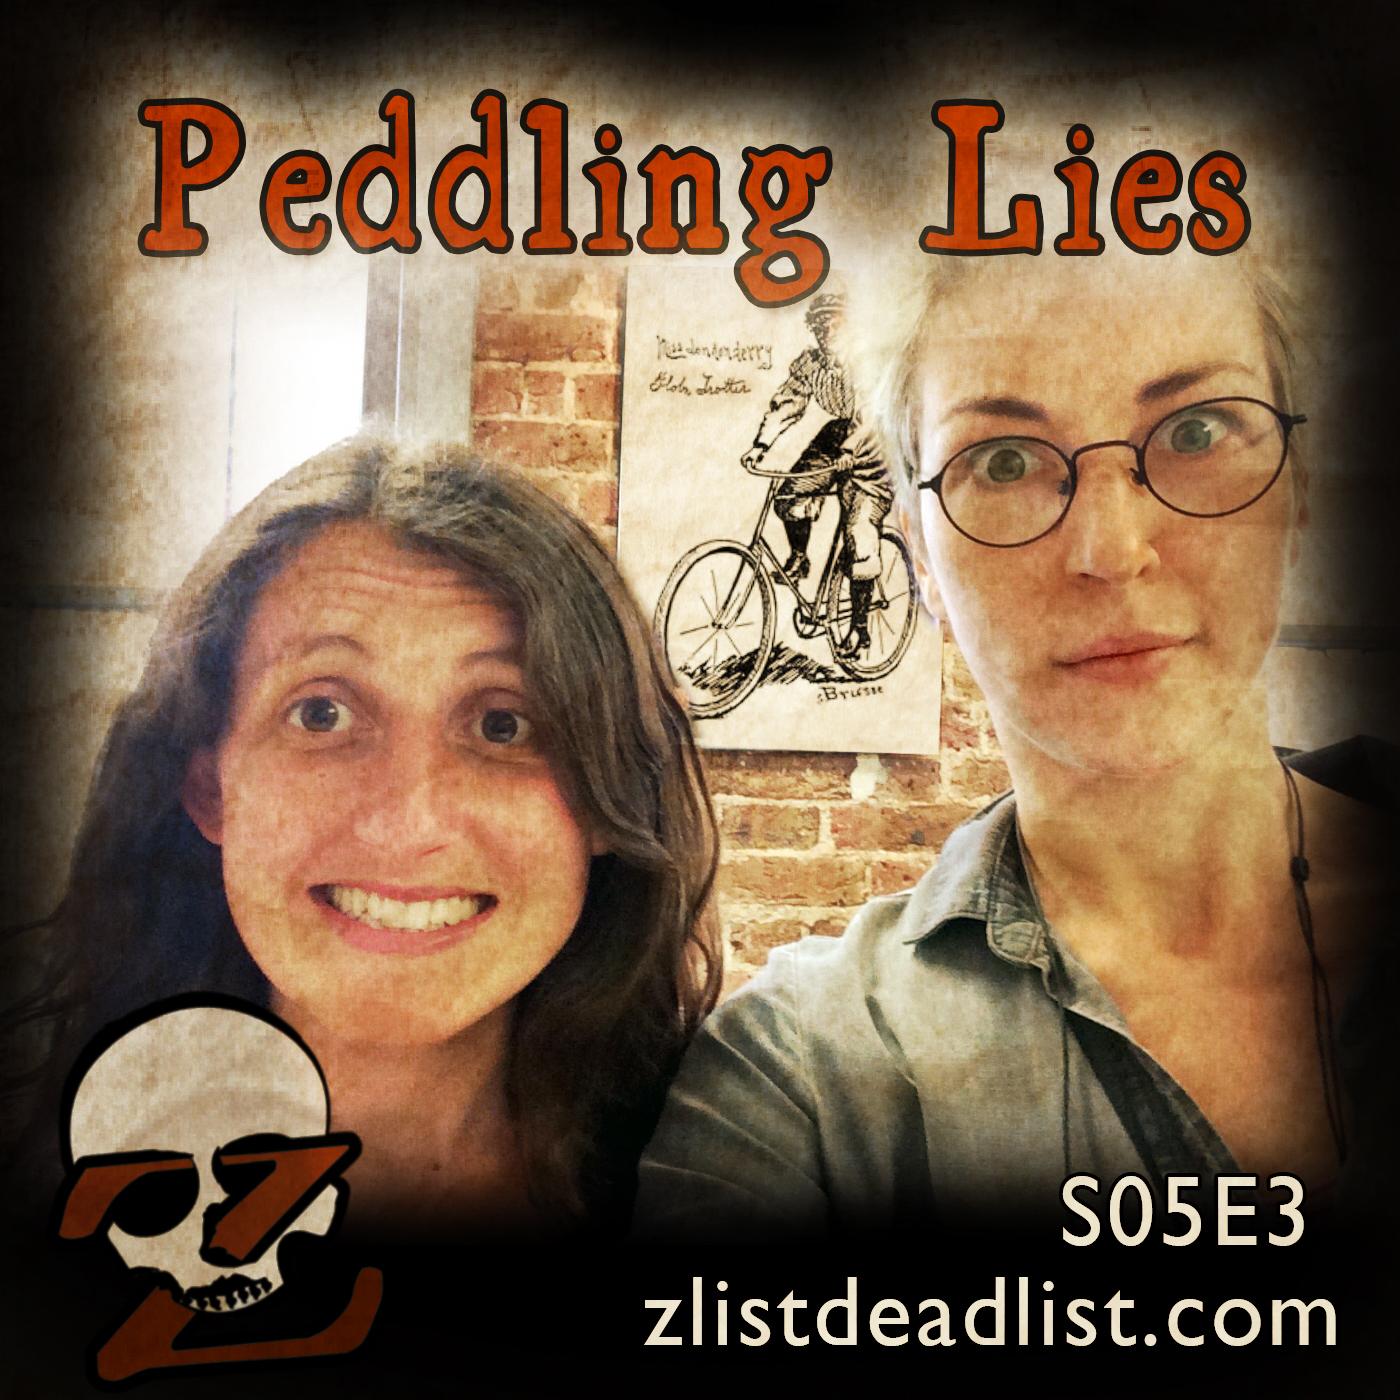 S05E3 Peddling Lies